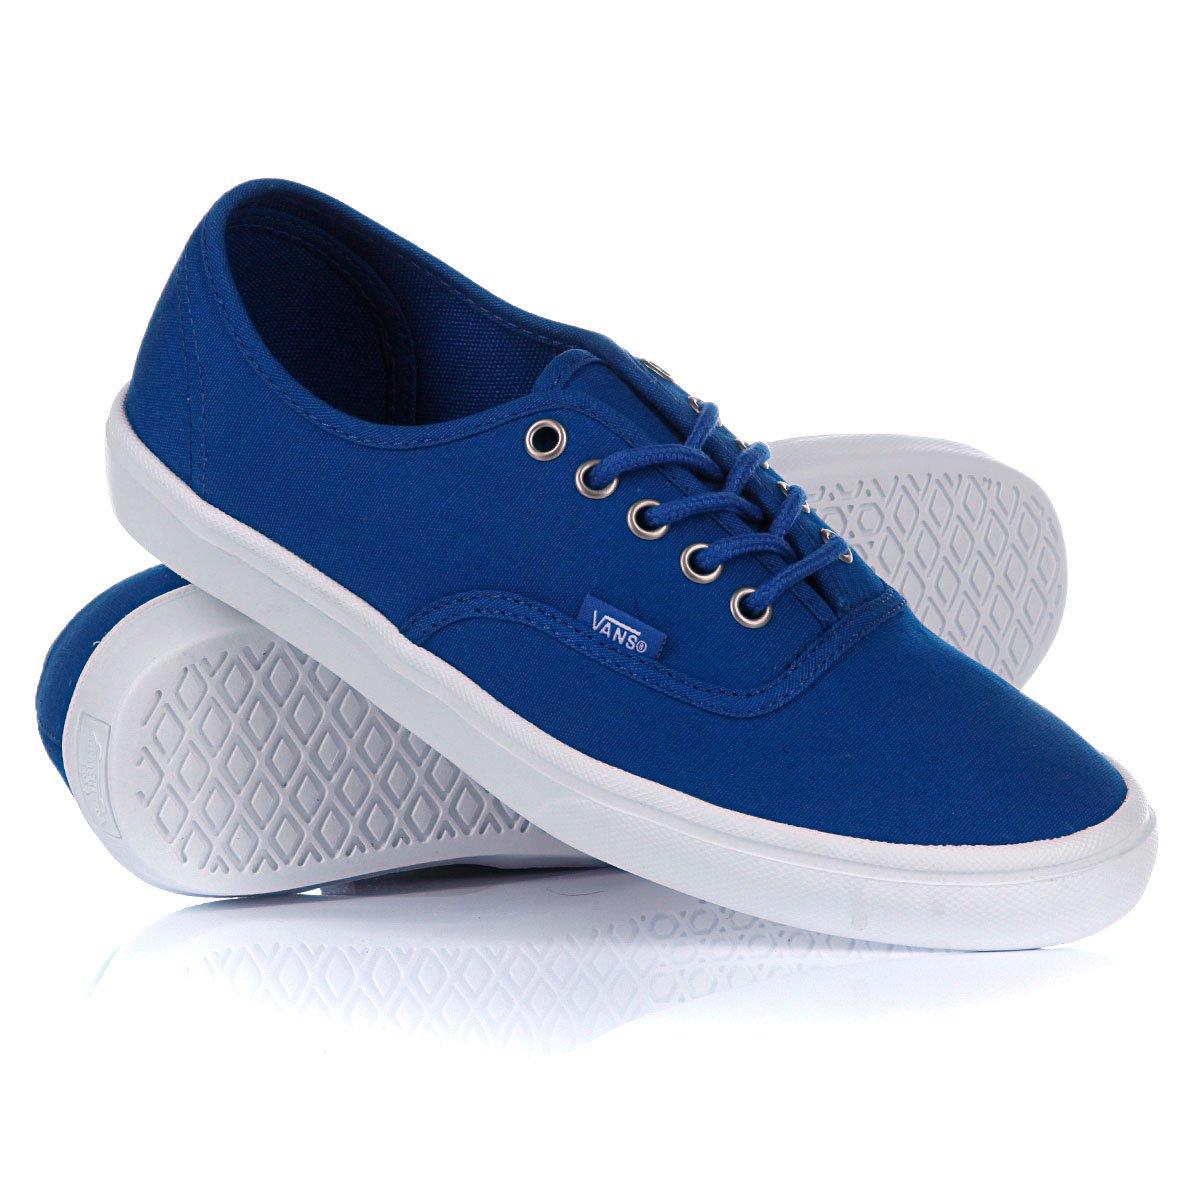 568e252a35e9 Купить кеды Vans Authentic Lite Blue (150812vans10) в интернет ...